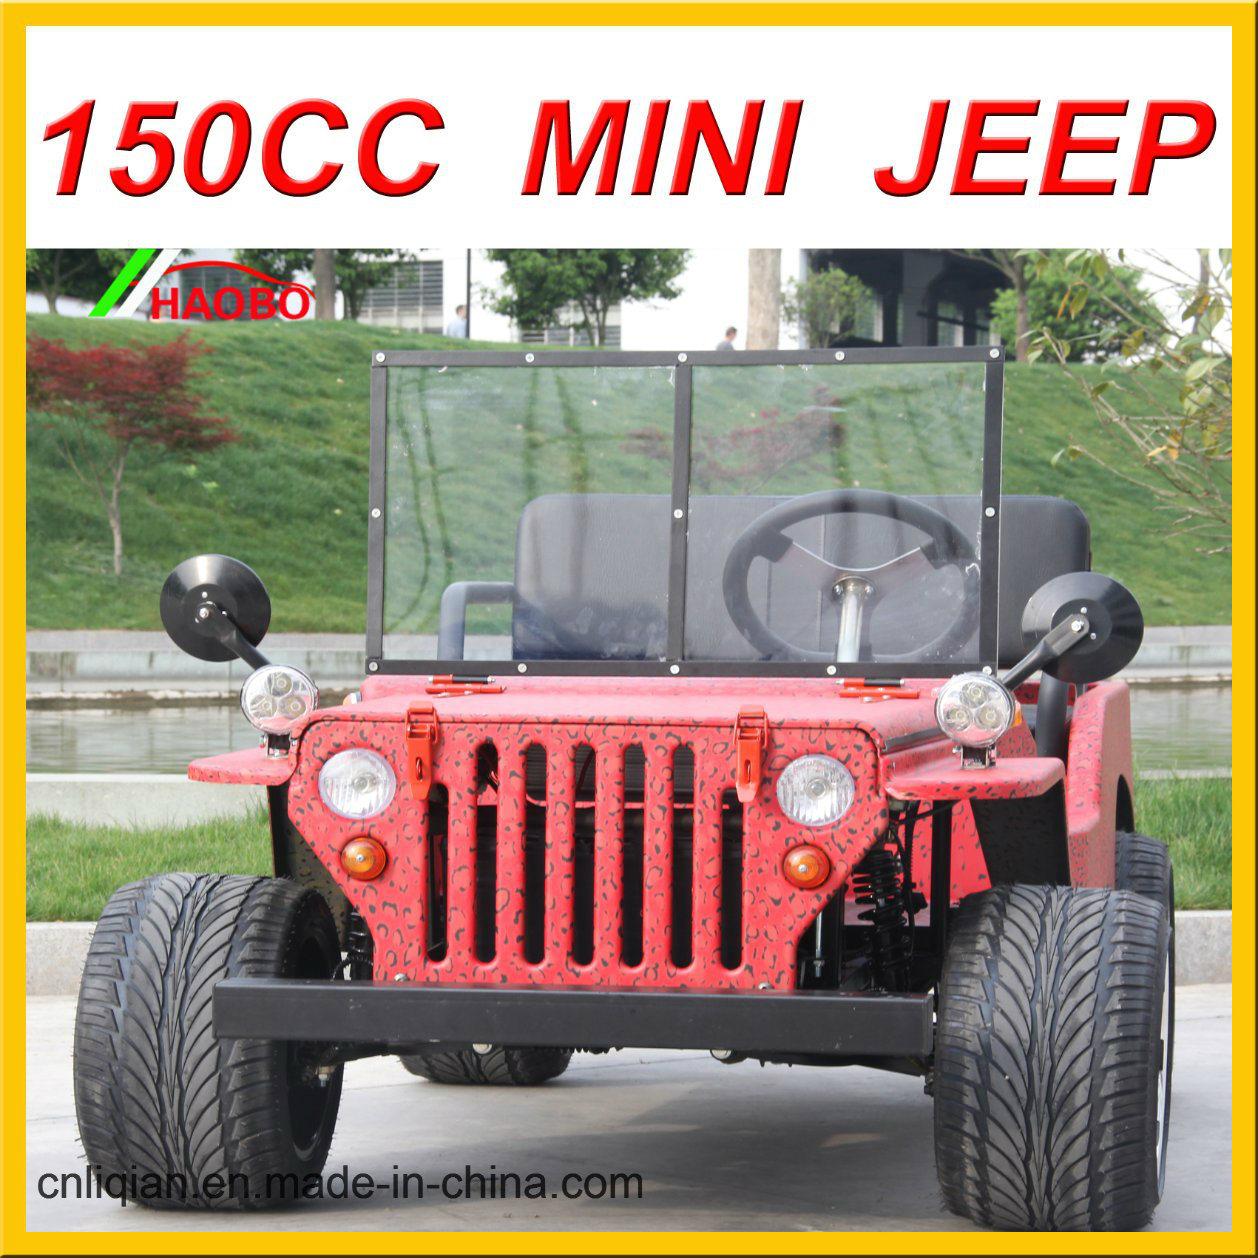 150cc, 200cc Mini Jeep for Sales